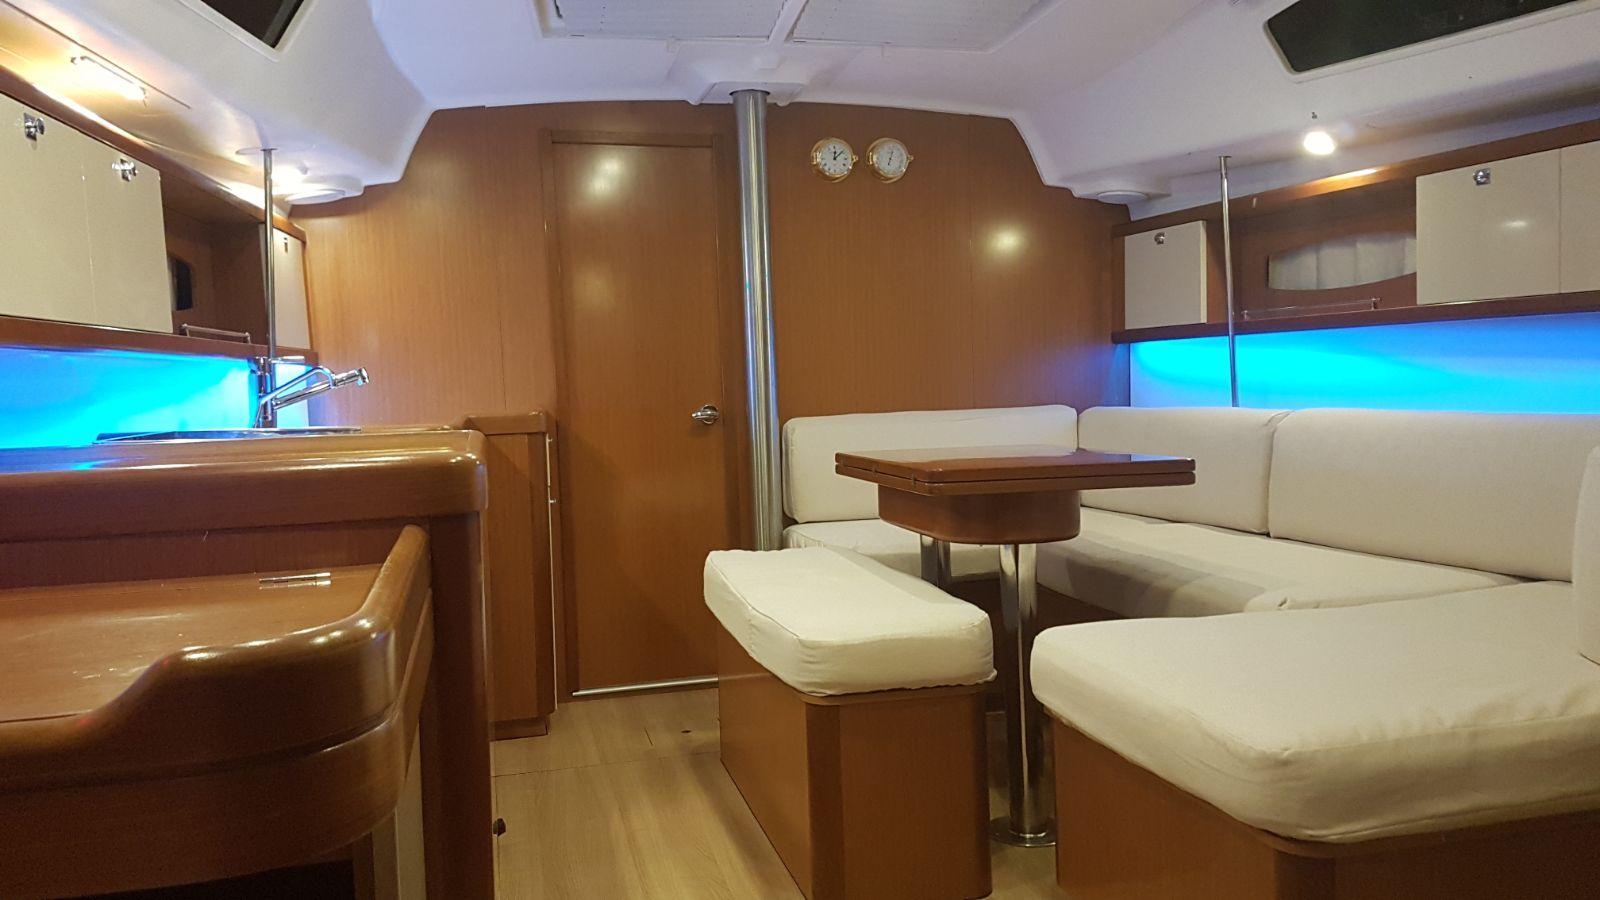 Oceanis 40 (PROSECCO - Refit2017) Interior image - 2